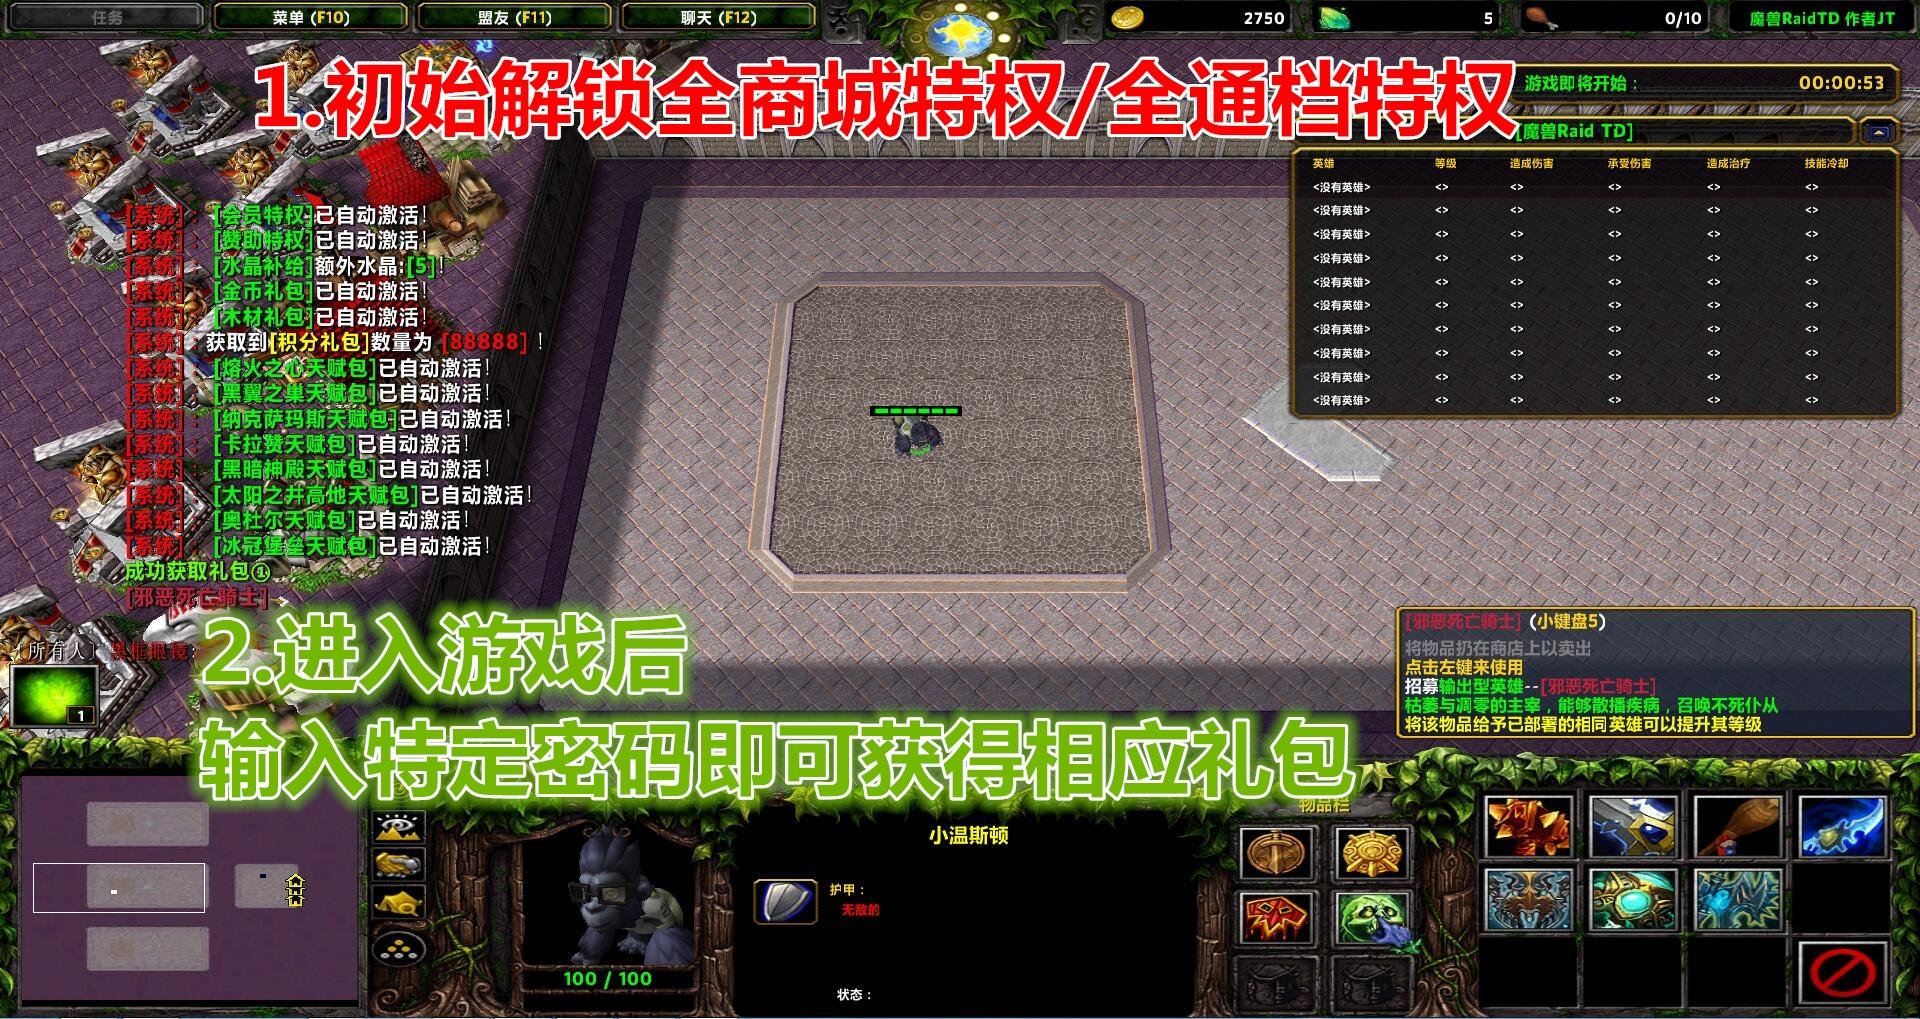 魔兽RaidTDv8.0.01黑式破解